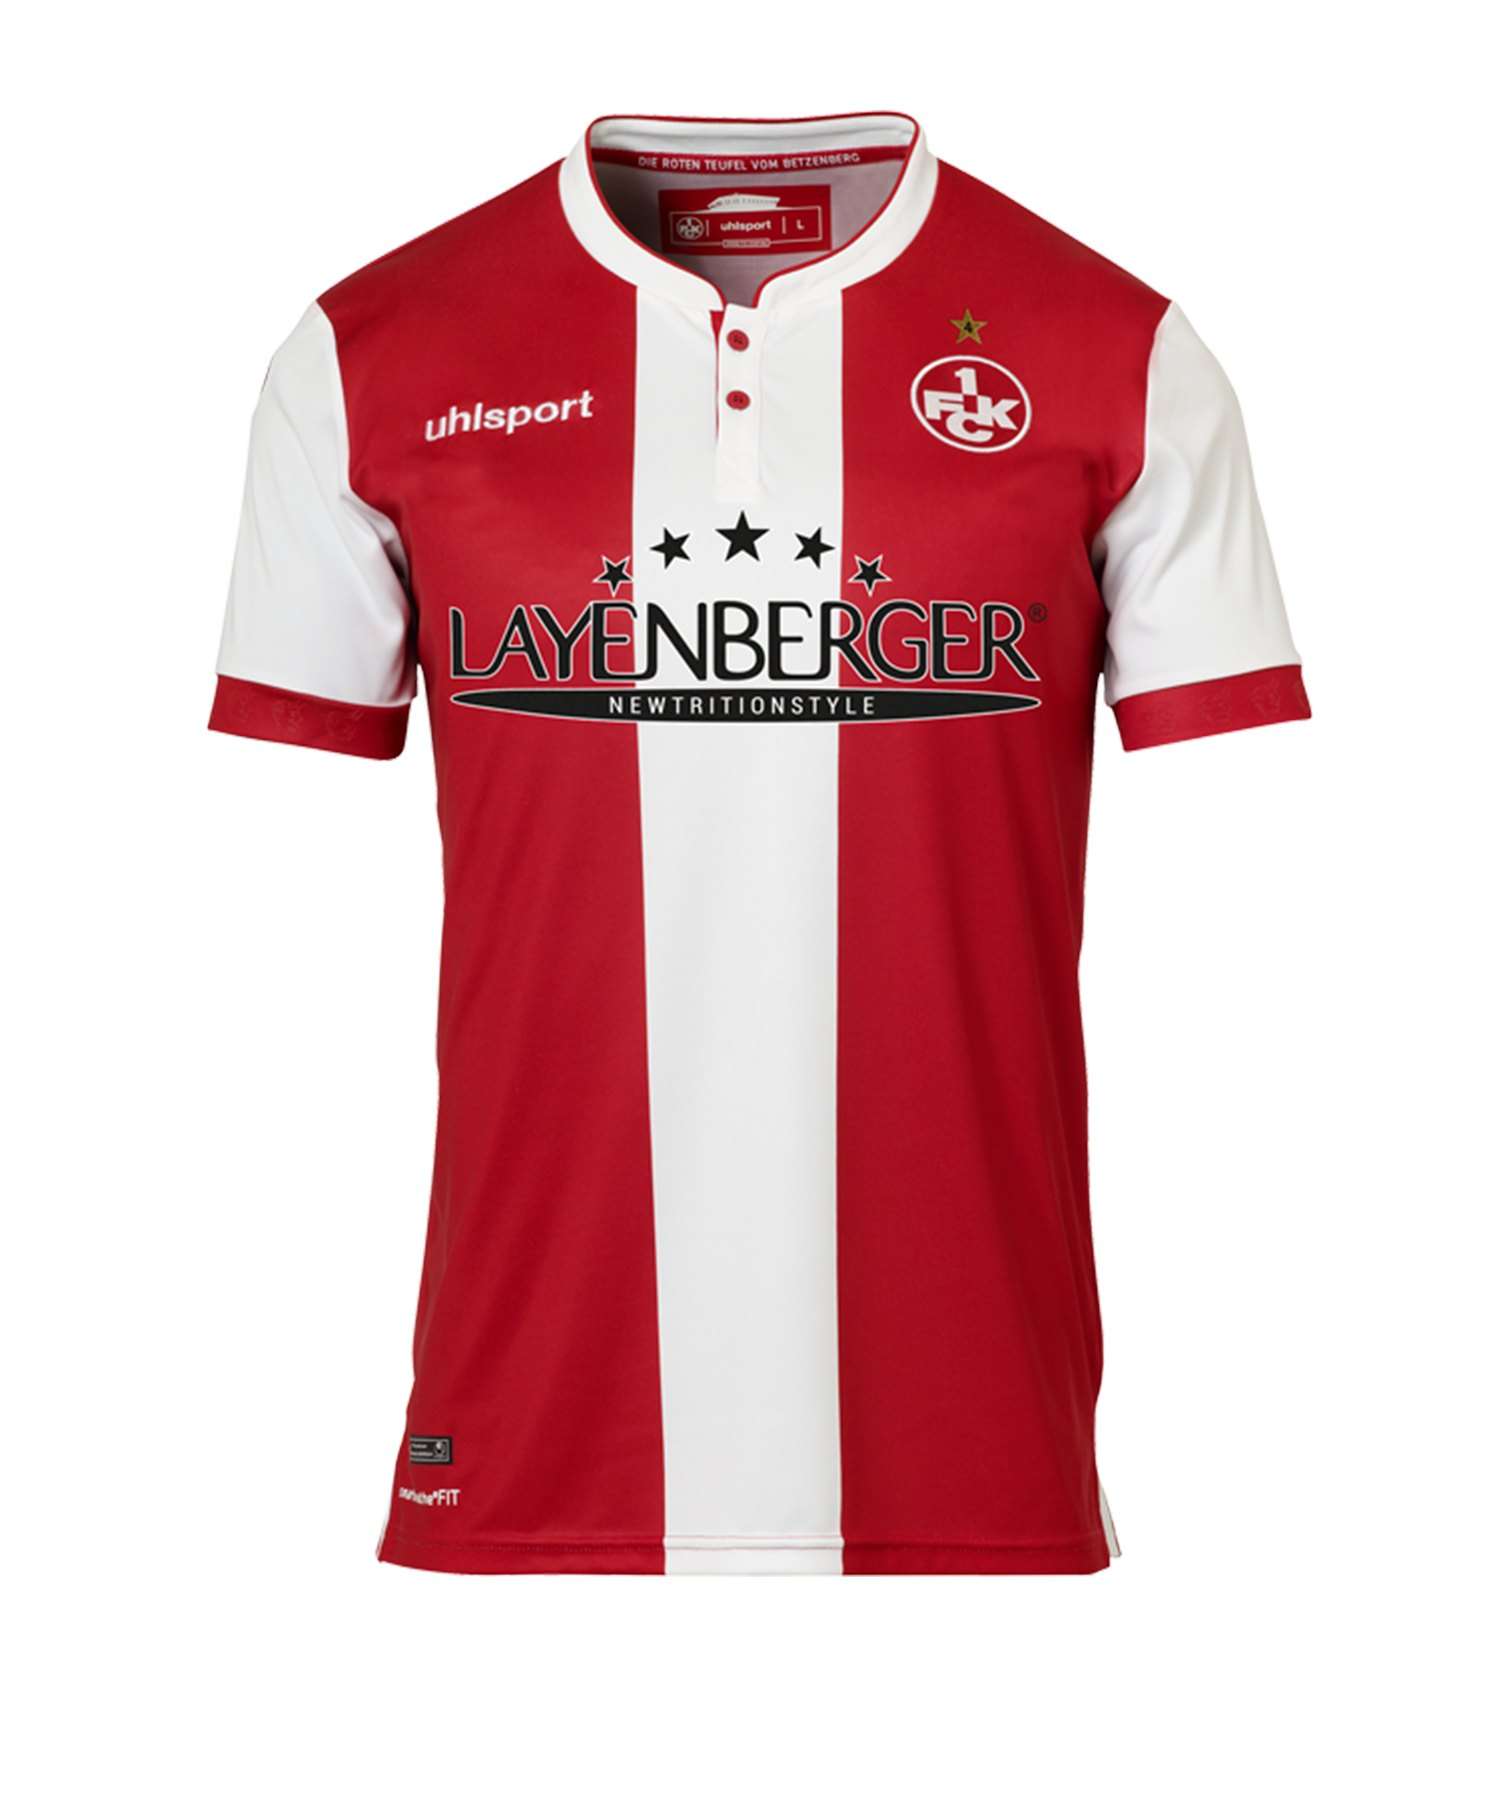 Uhlsport 1. FC Kaiserslautern Trikot H Kids 18/19 - rot